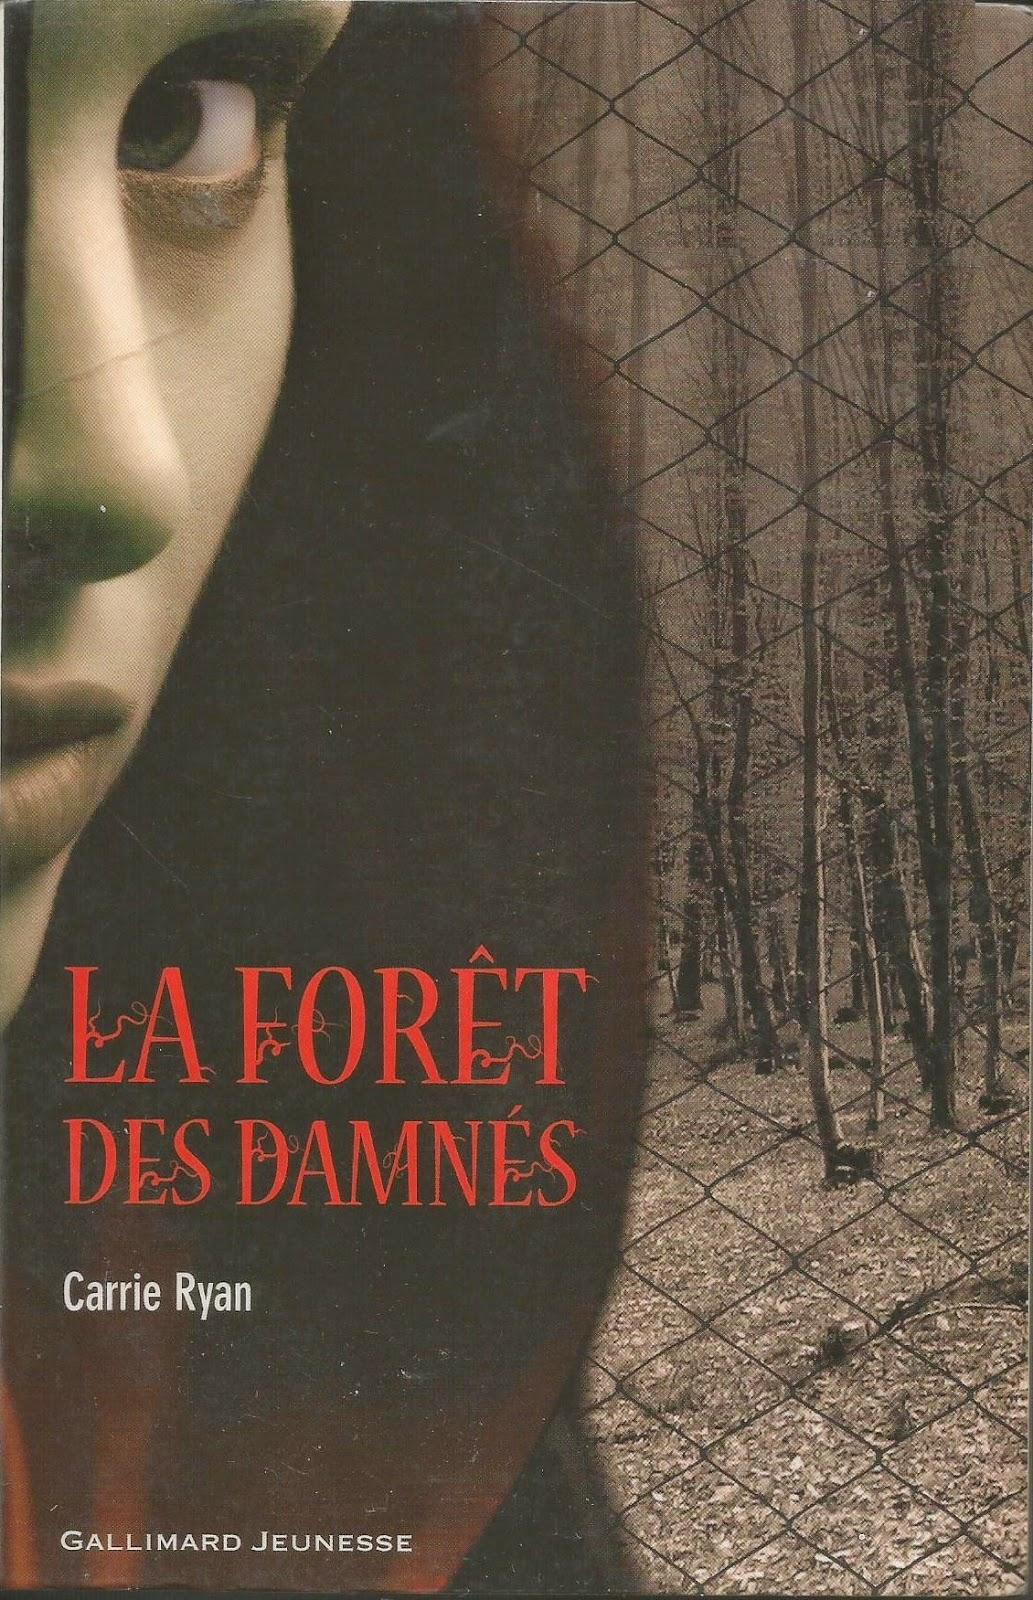 la forêt des damnés Carrie Ryan Les Mondes de Cassandre